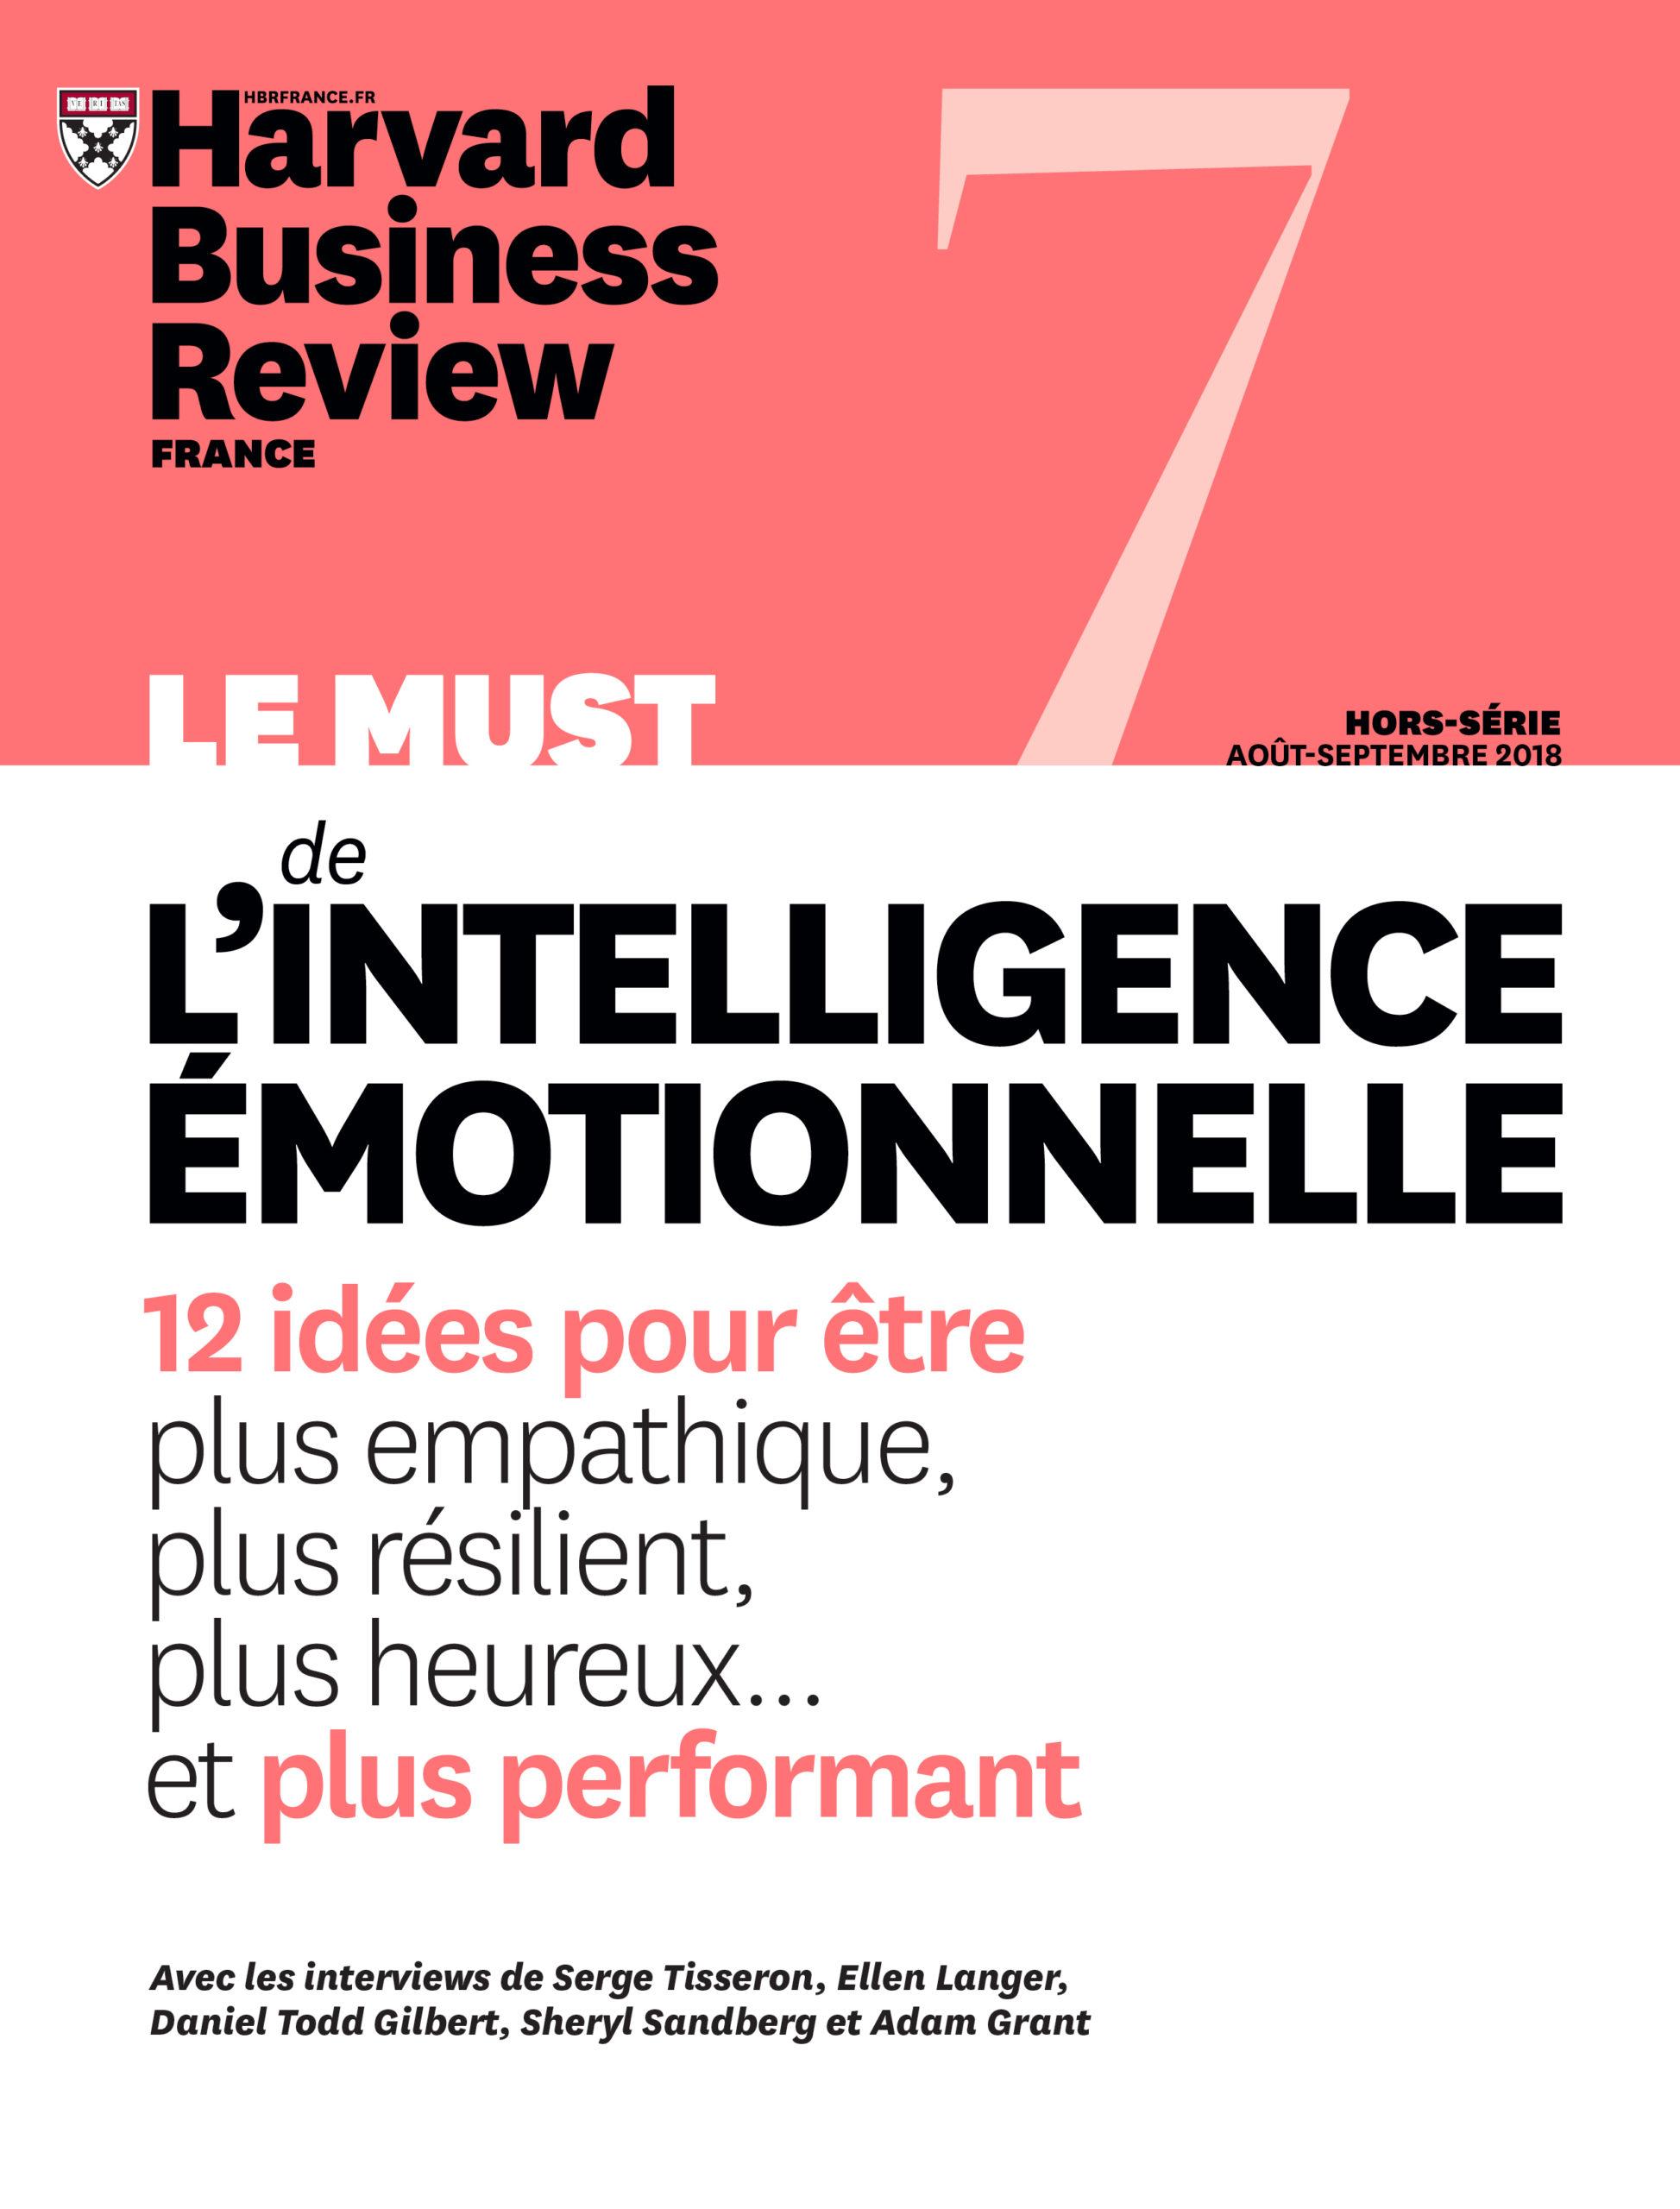 Le must de l'intelligence émotionnelle